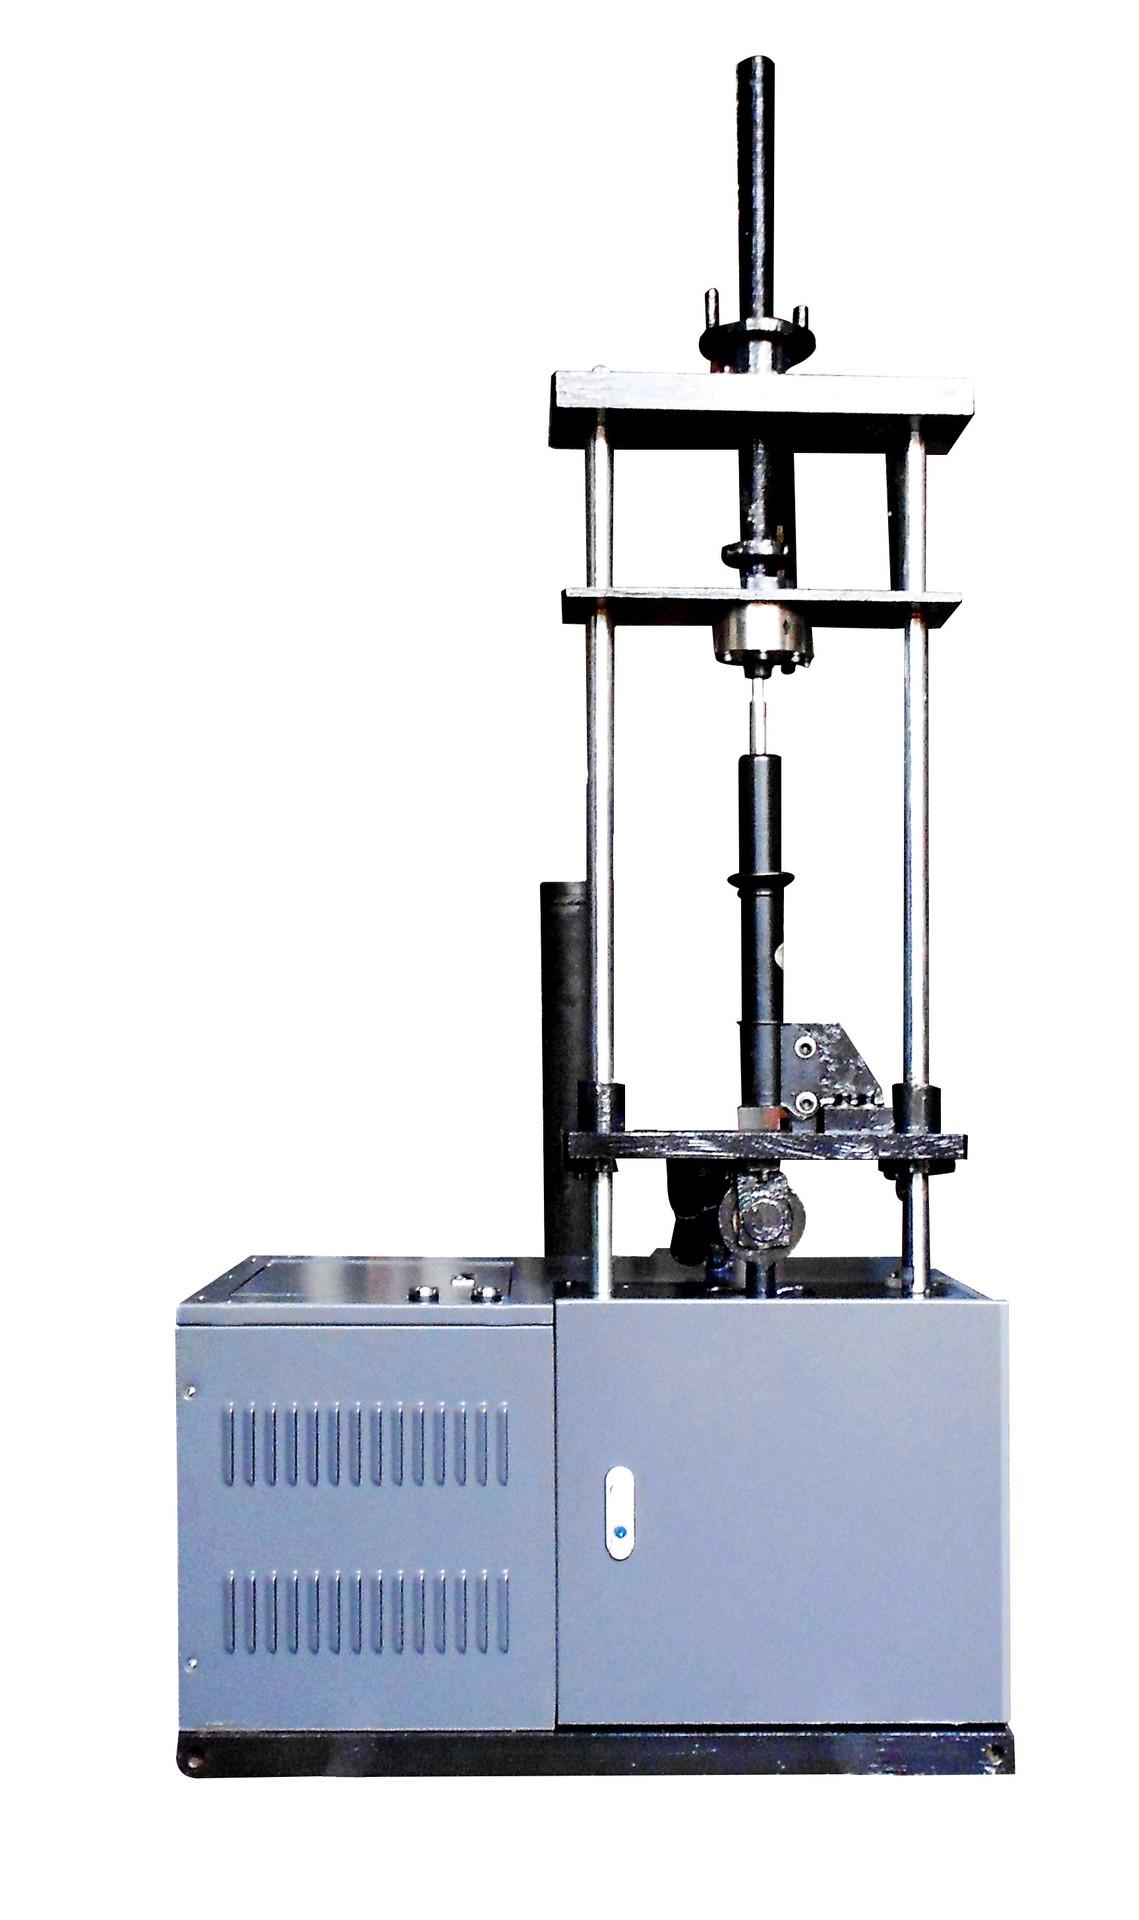 厂家直销减震器疲劳试验机示功机综合试验台动静拉力压